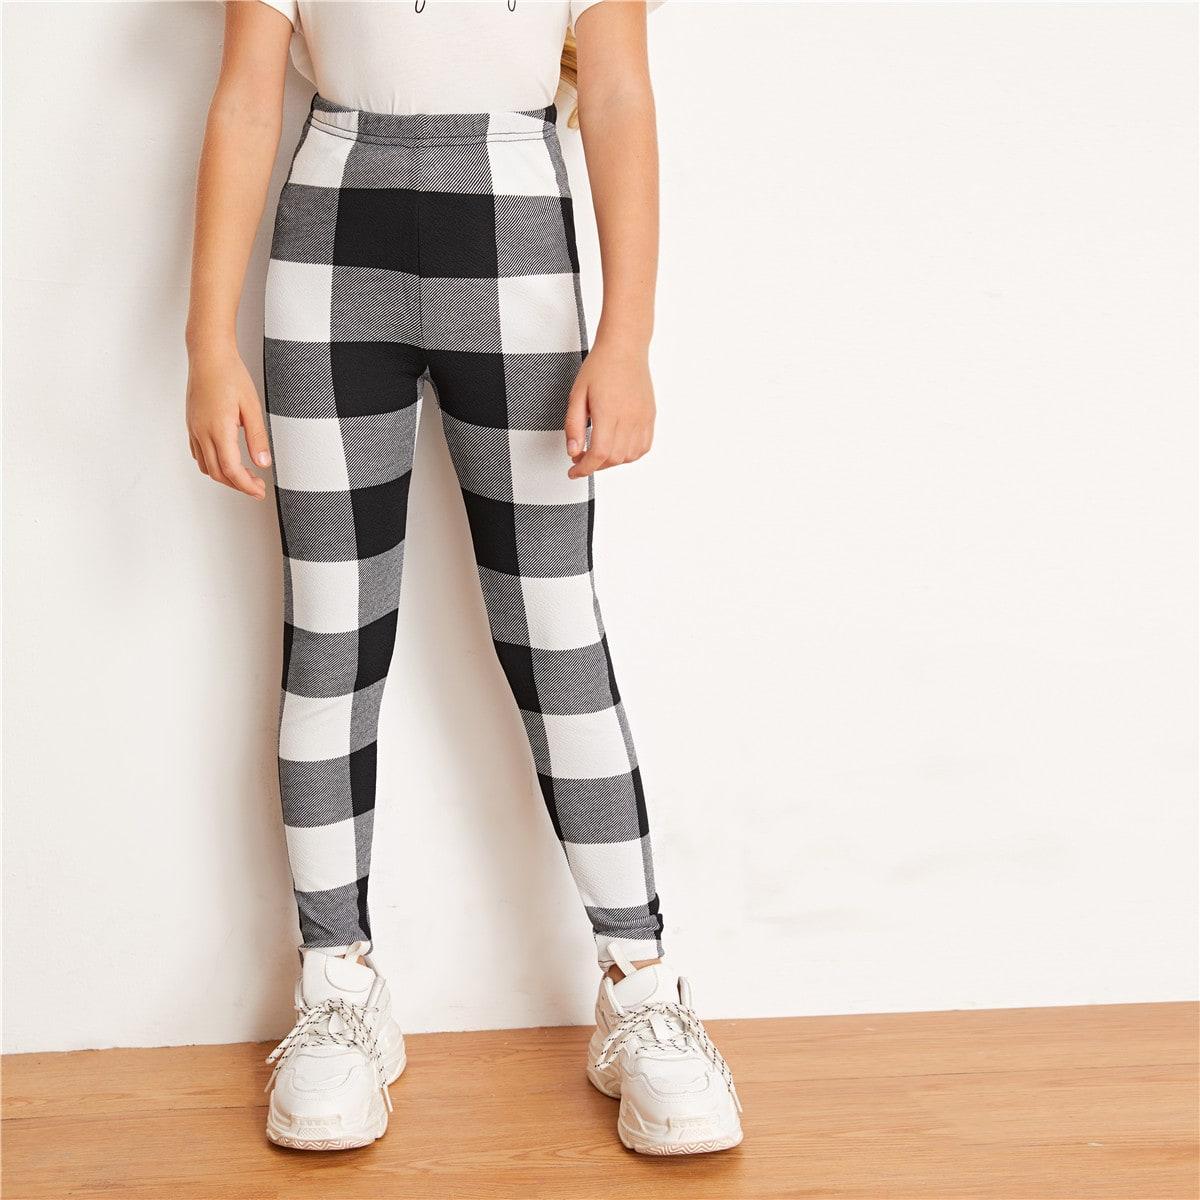 SHEIN / Mädchen Leggings mit Karo Muster